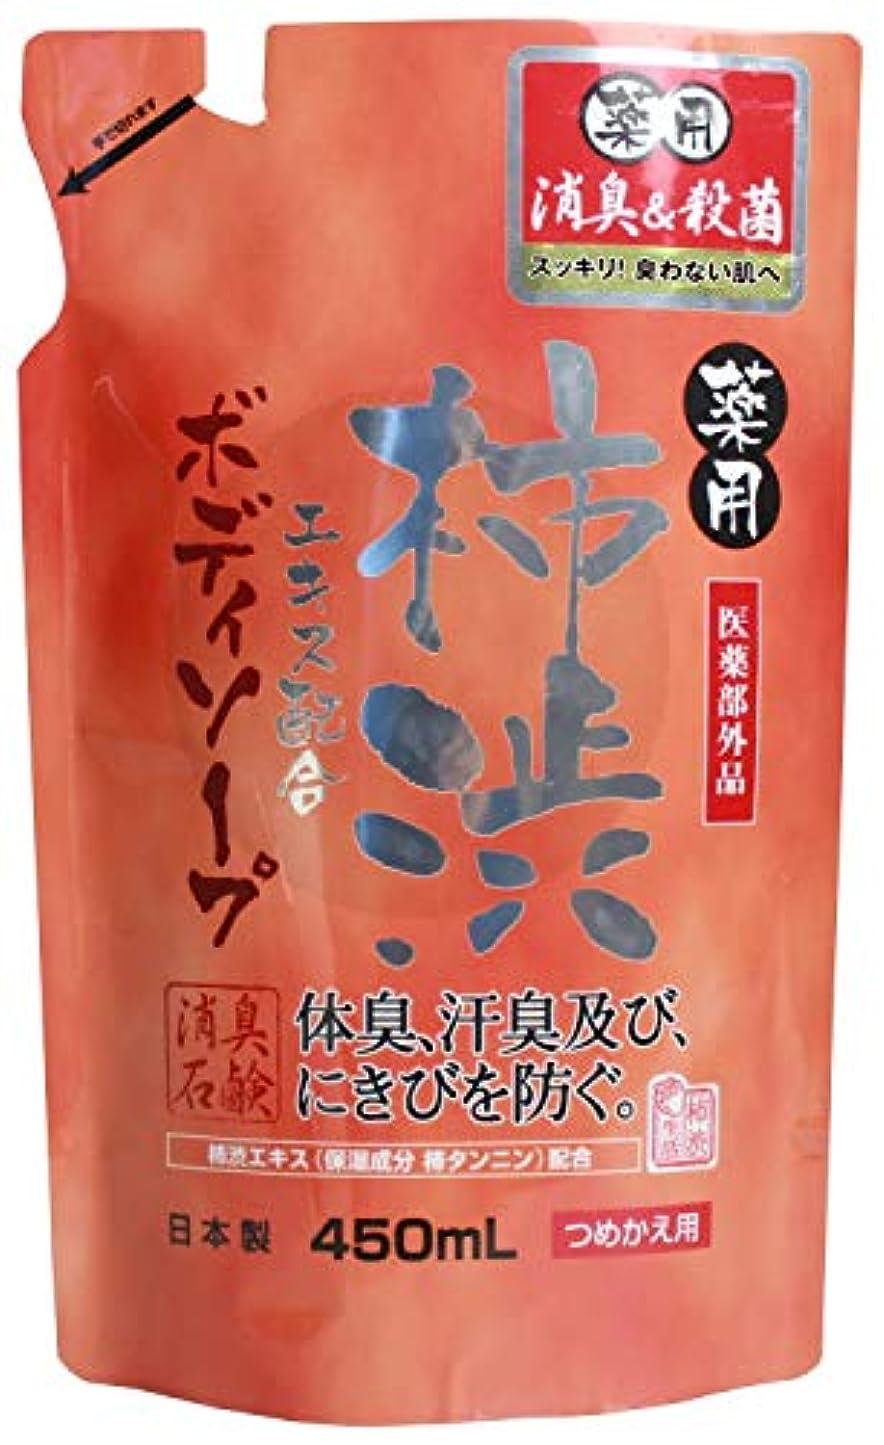 こんにちは工業化する炭素薬用柿渋 ボディソープ (つめかえ用) 450mL 【医薬部外品】